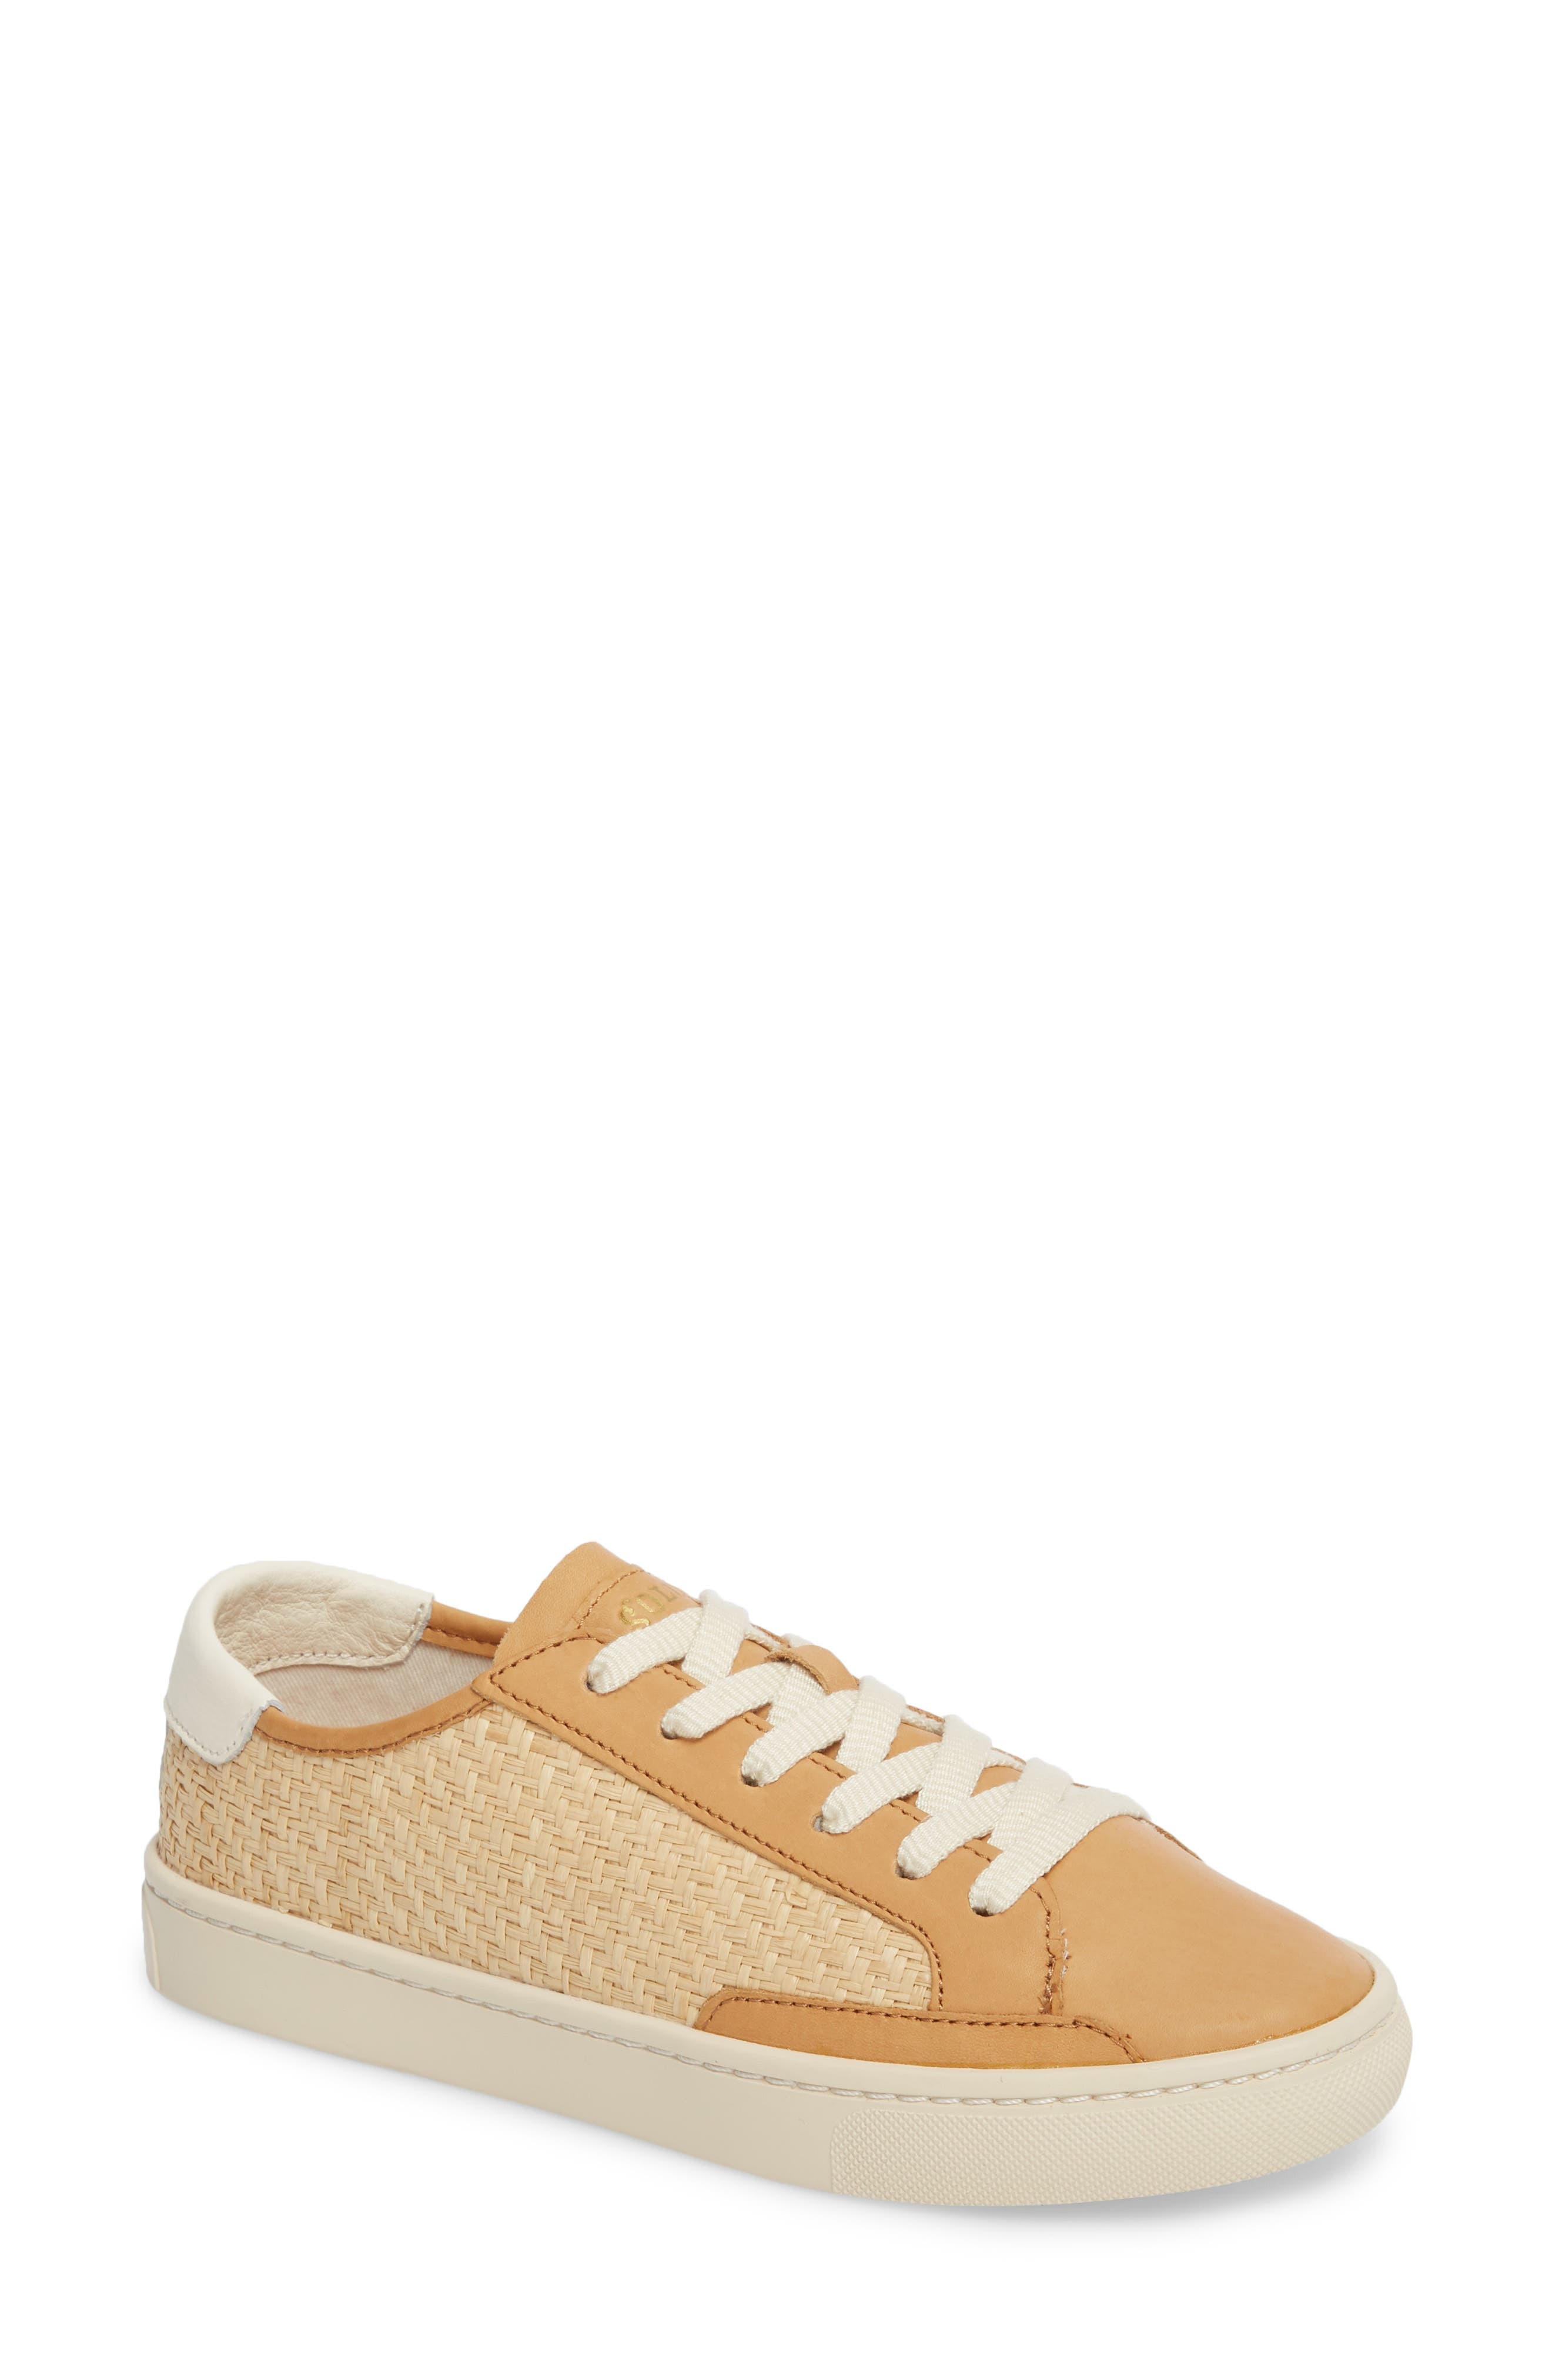 Ibiza Raffia Sneaker,                         Main,                         color, 250